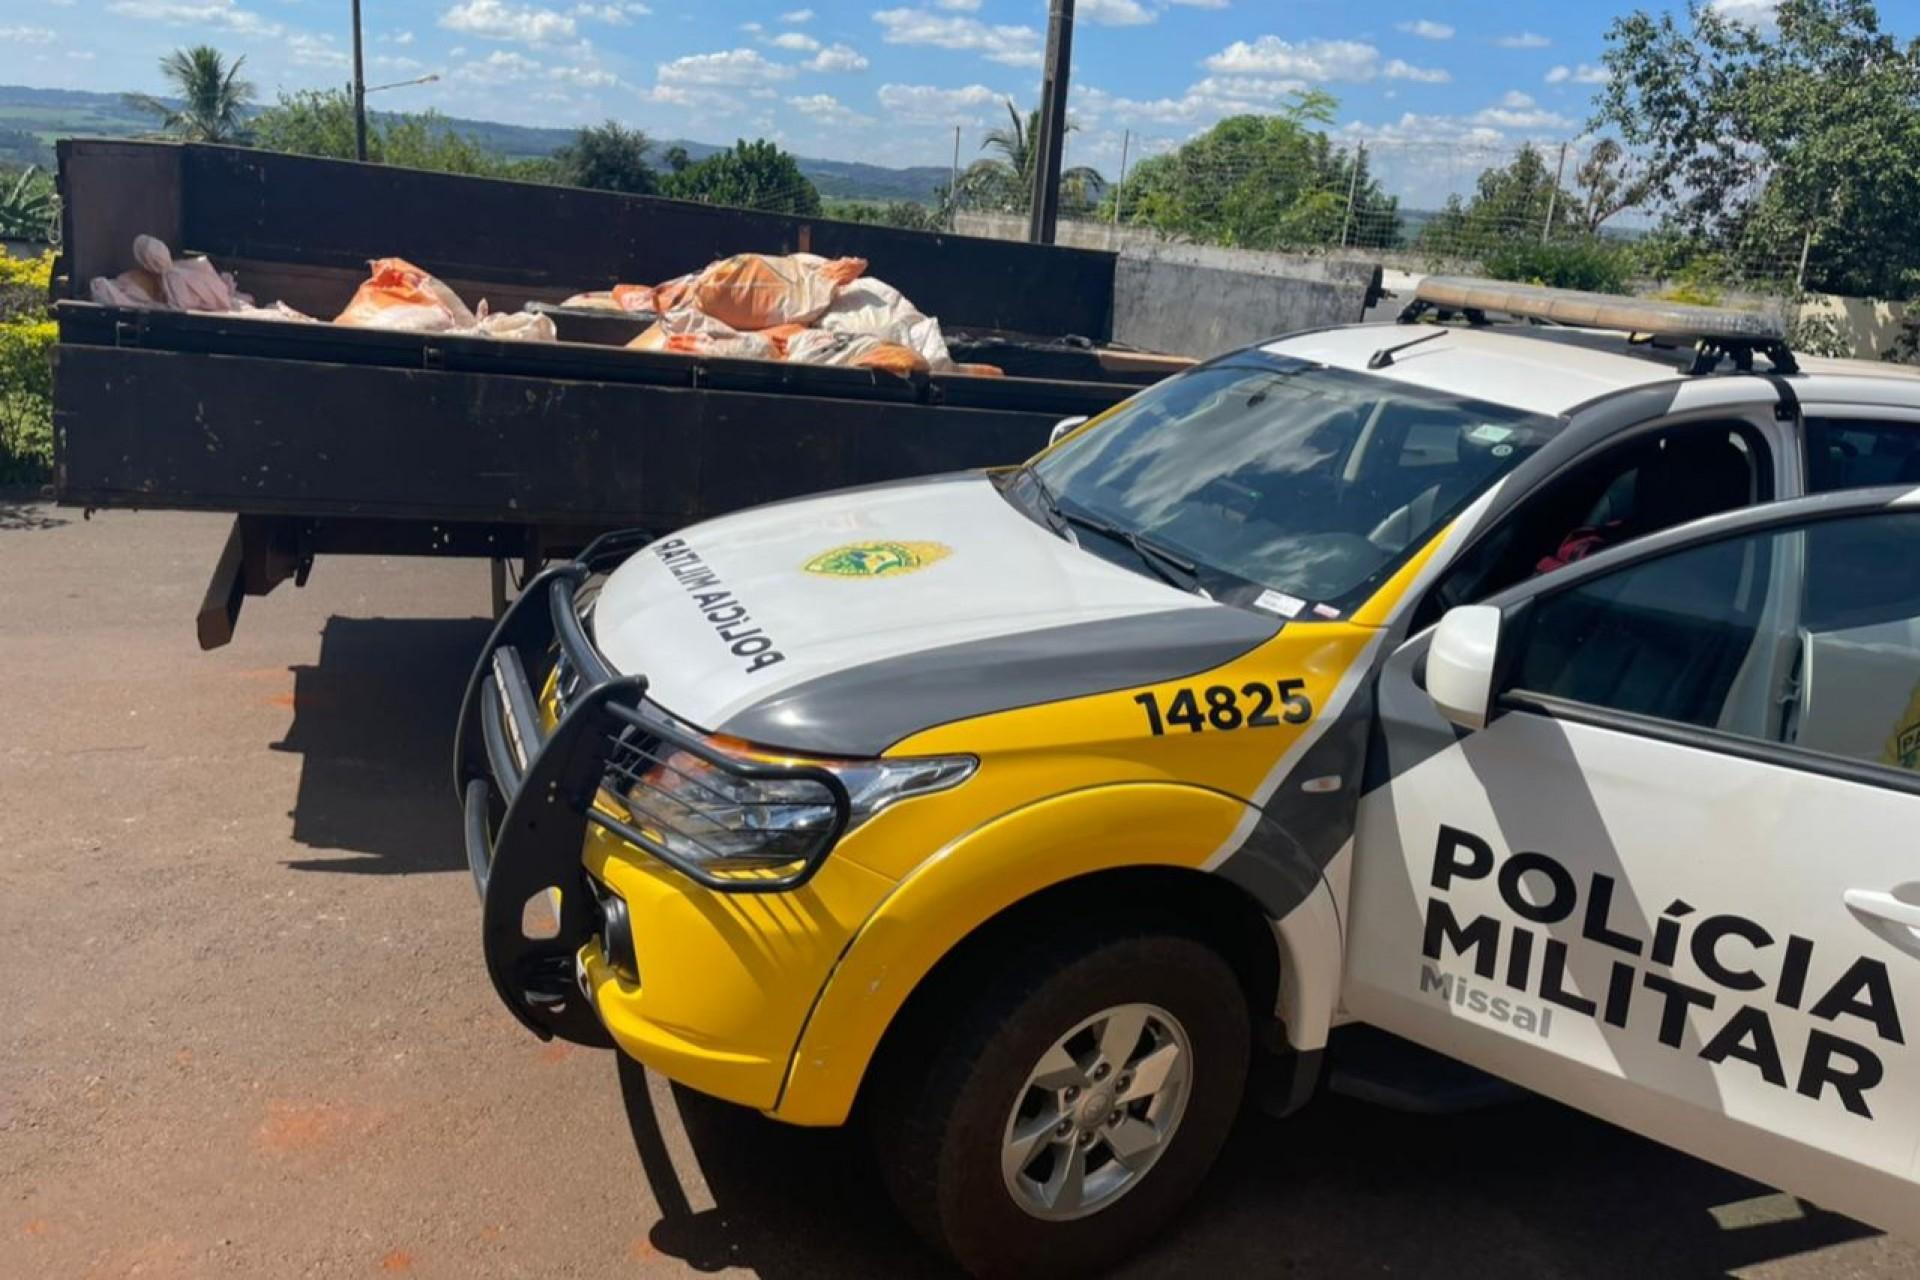 Polícia Militar de Missal apreende camionete com cigarros e prende motorista